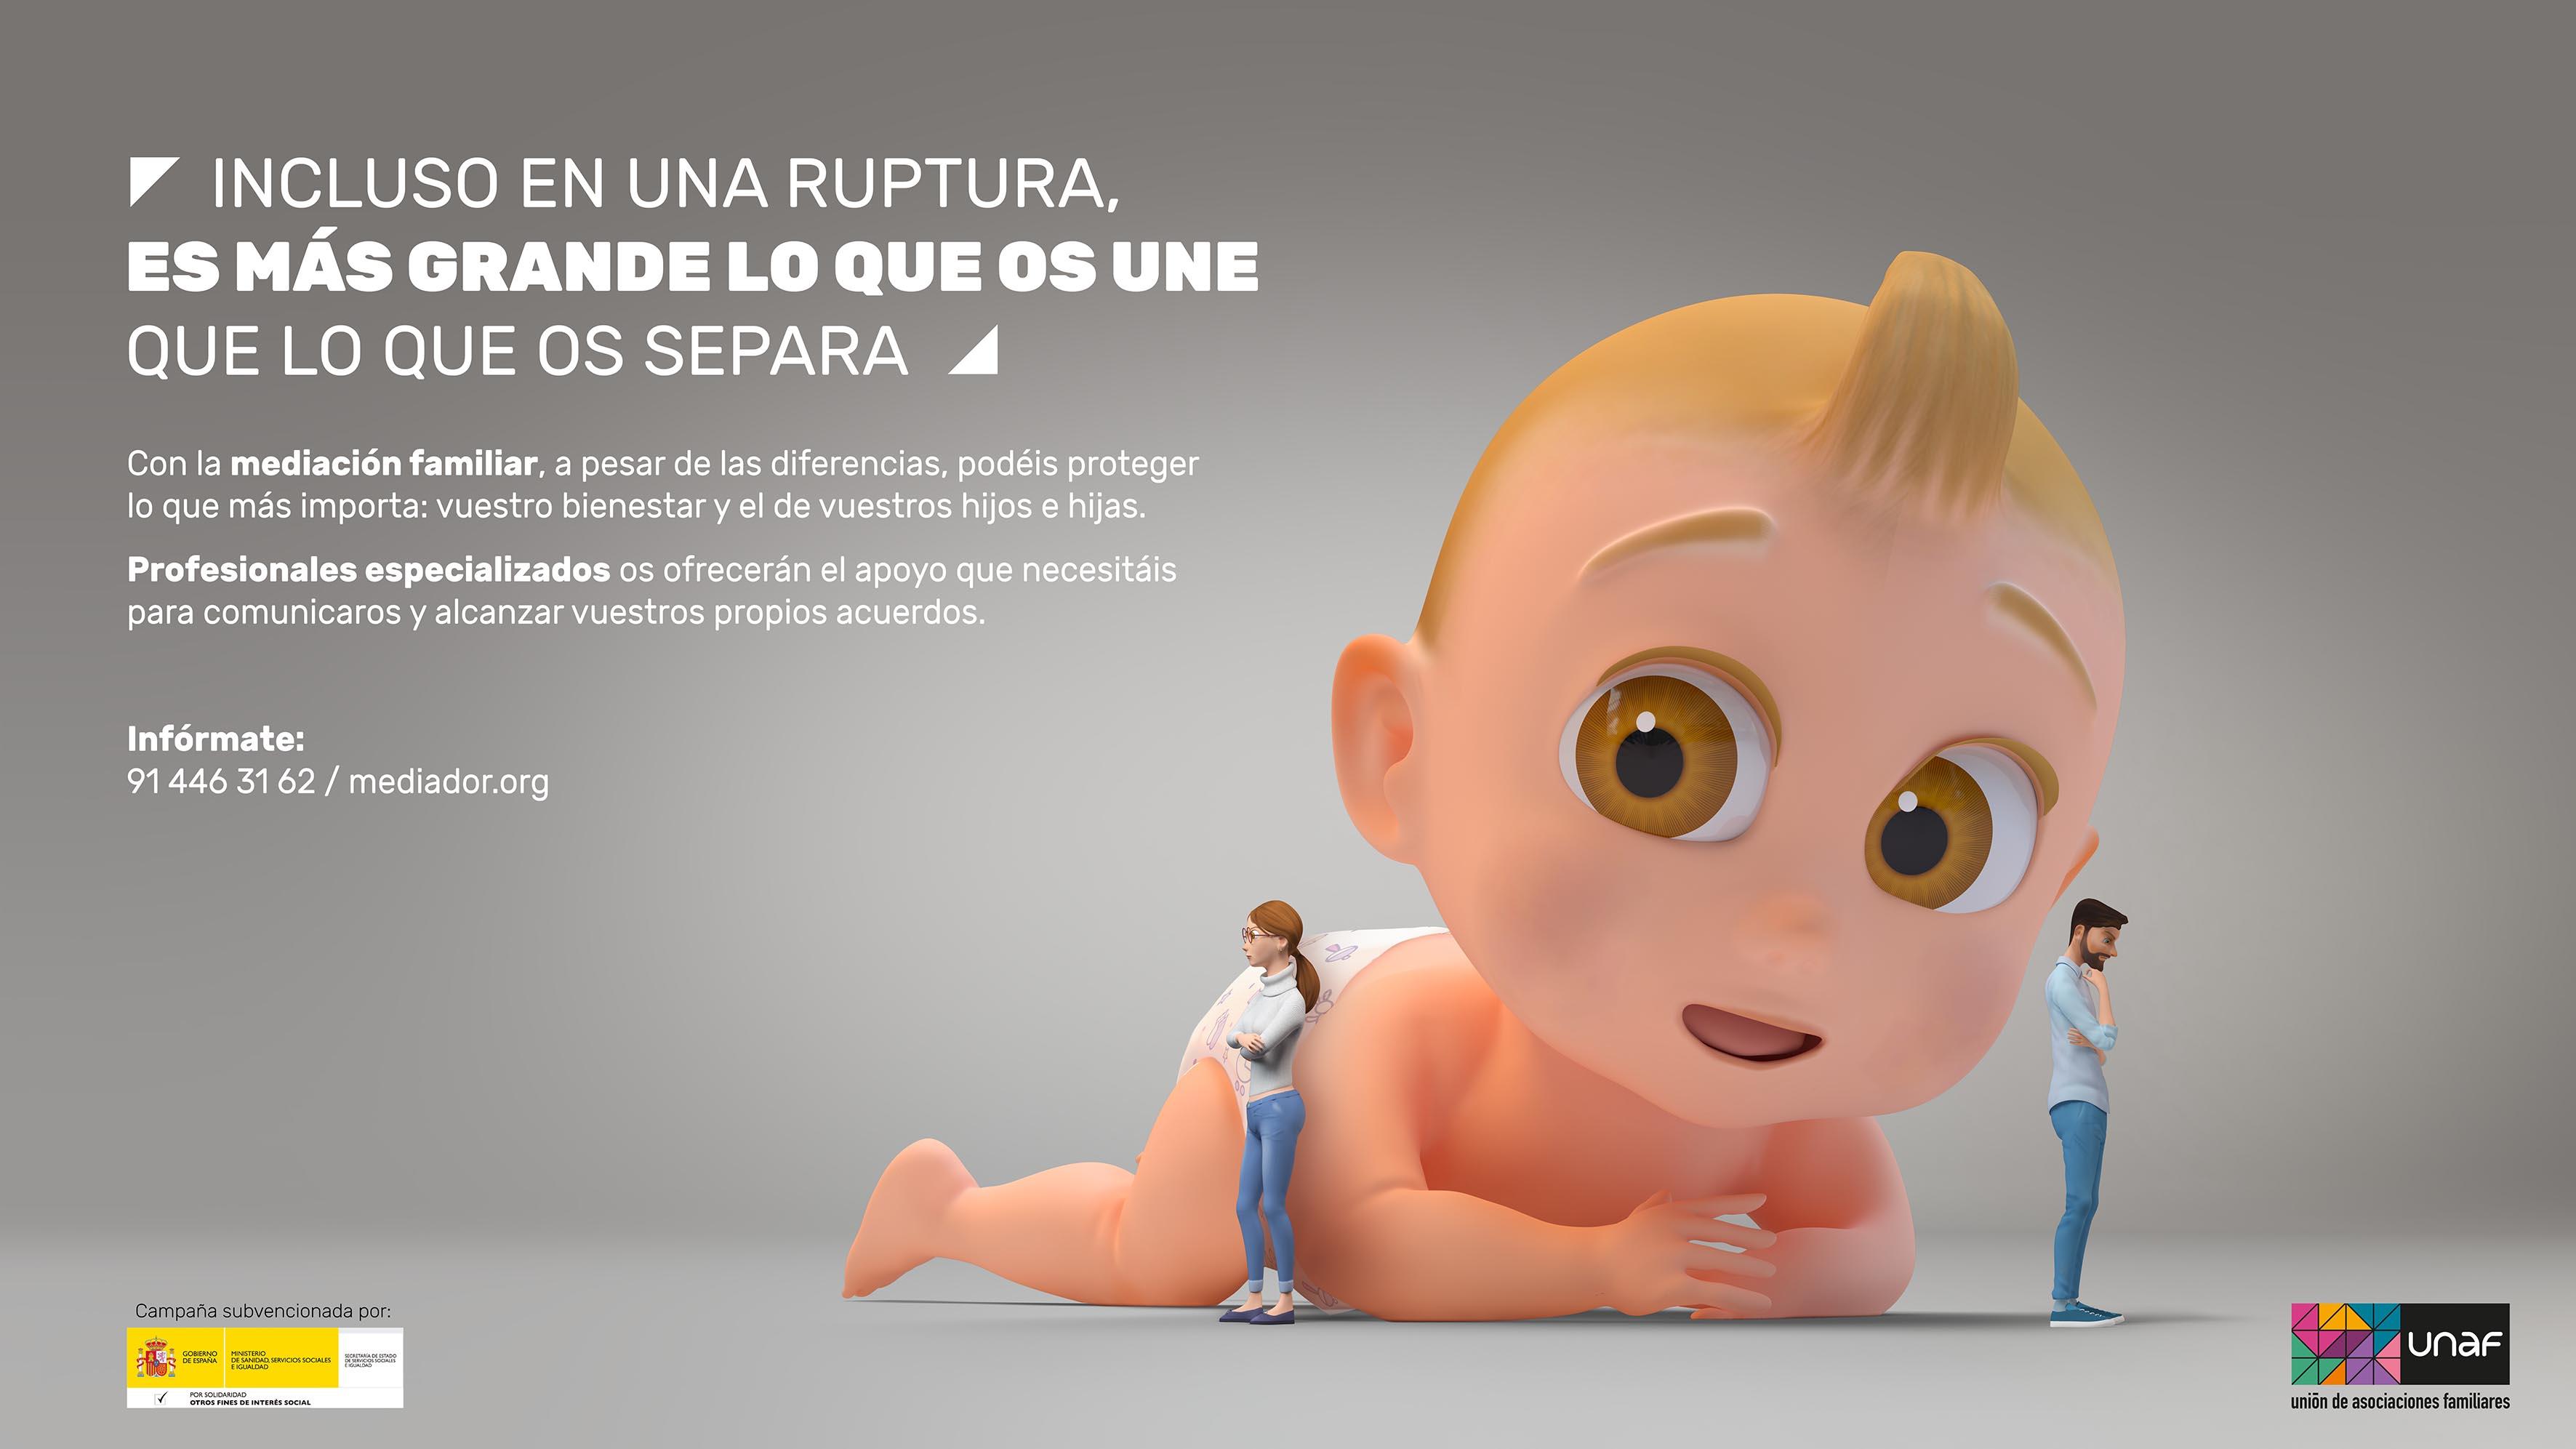 'Es más grande lo que os une que lo que os separa', la nueva campaña de UNAF para promover la mediación familiar en separaciones y divorcios